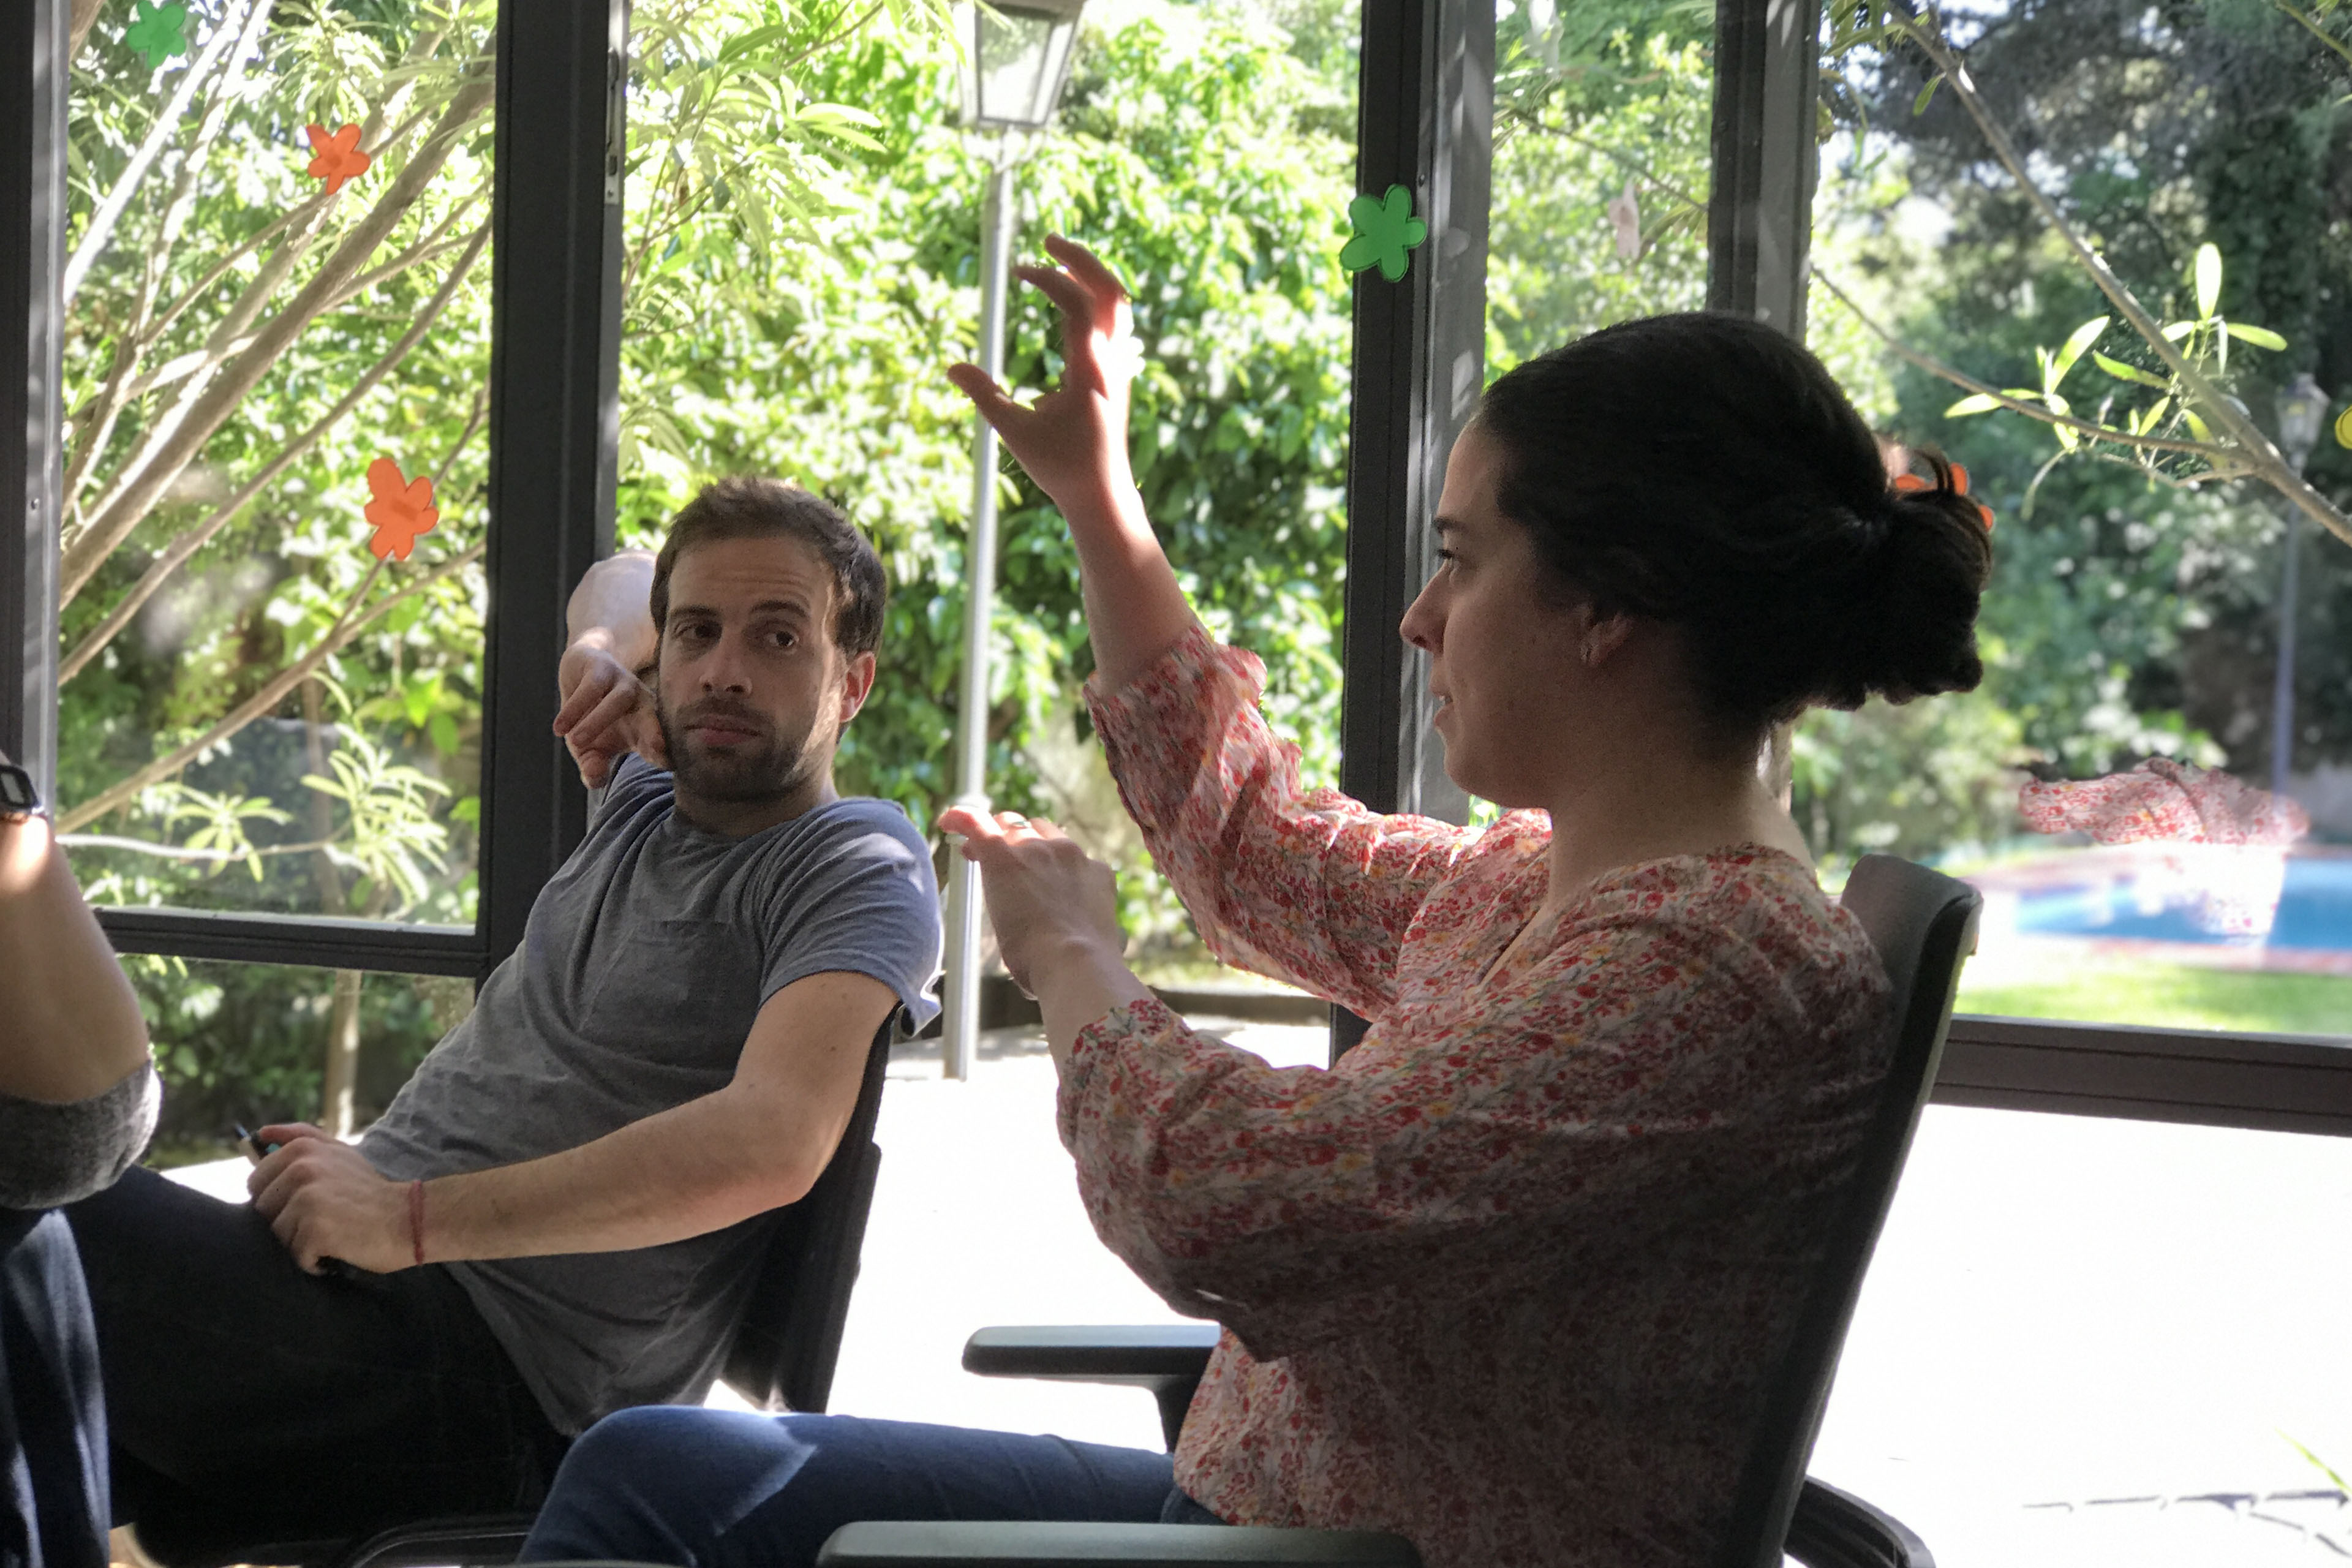 Mujer explicando un proceso sentada en una silla